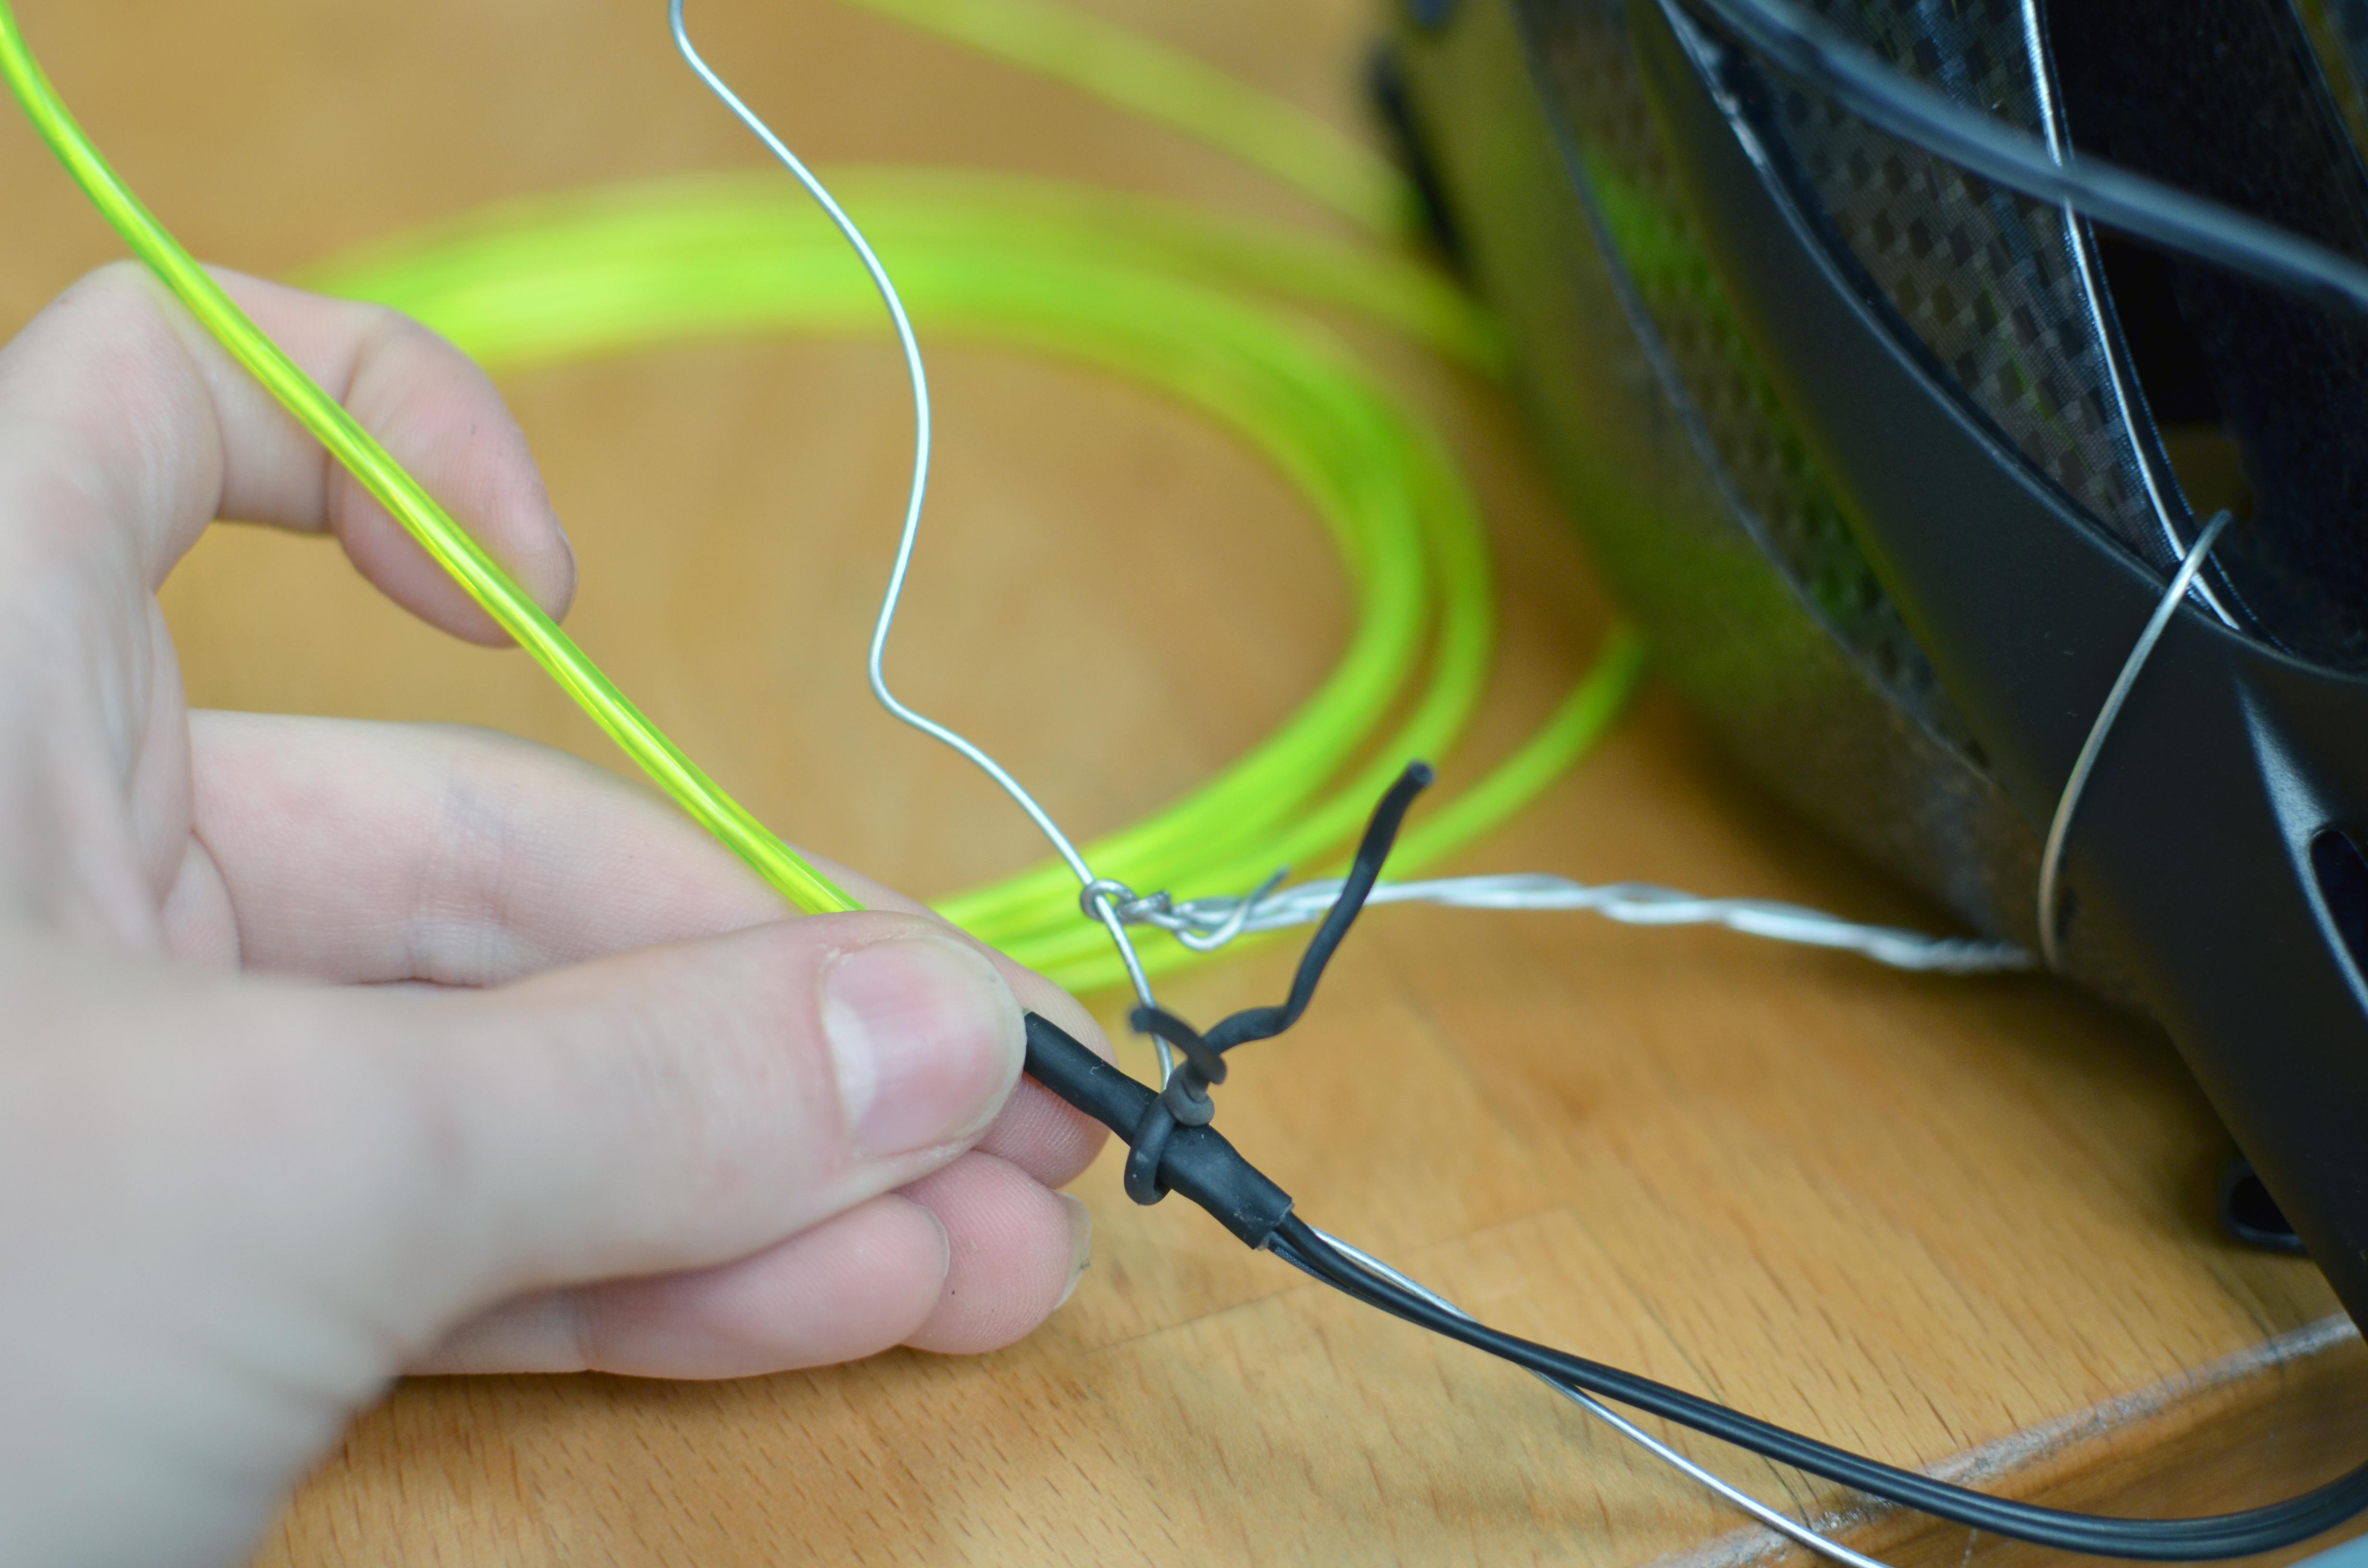 el_wire_tape_panel_el-wire-mask-adafruit-16.jpg